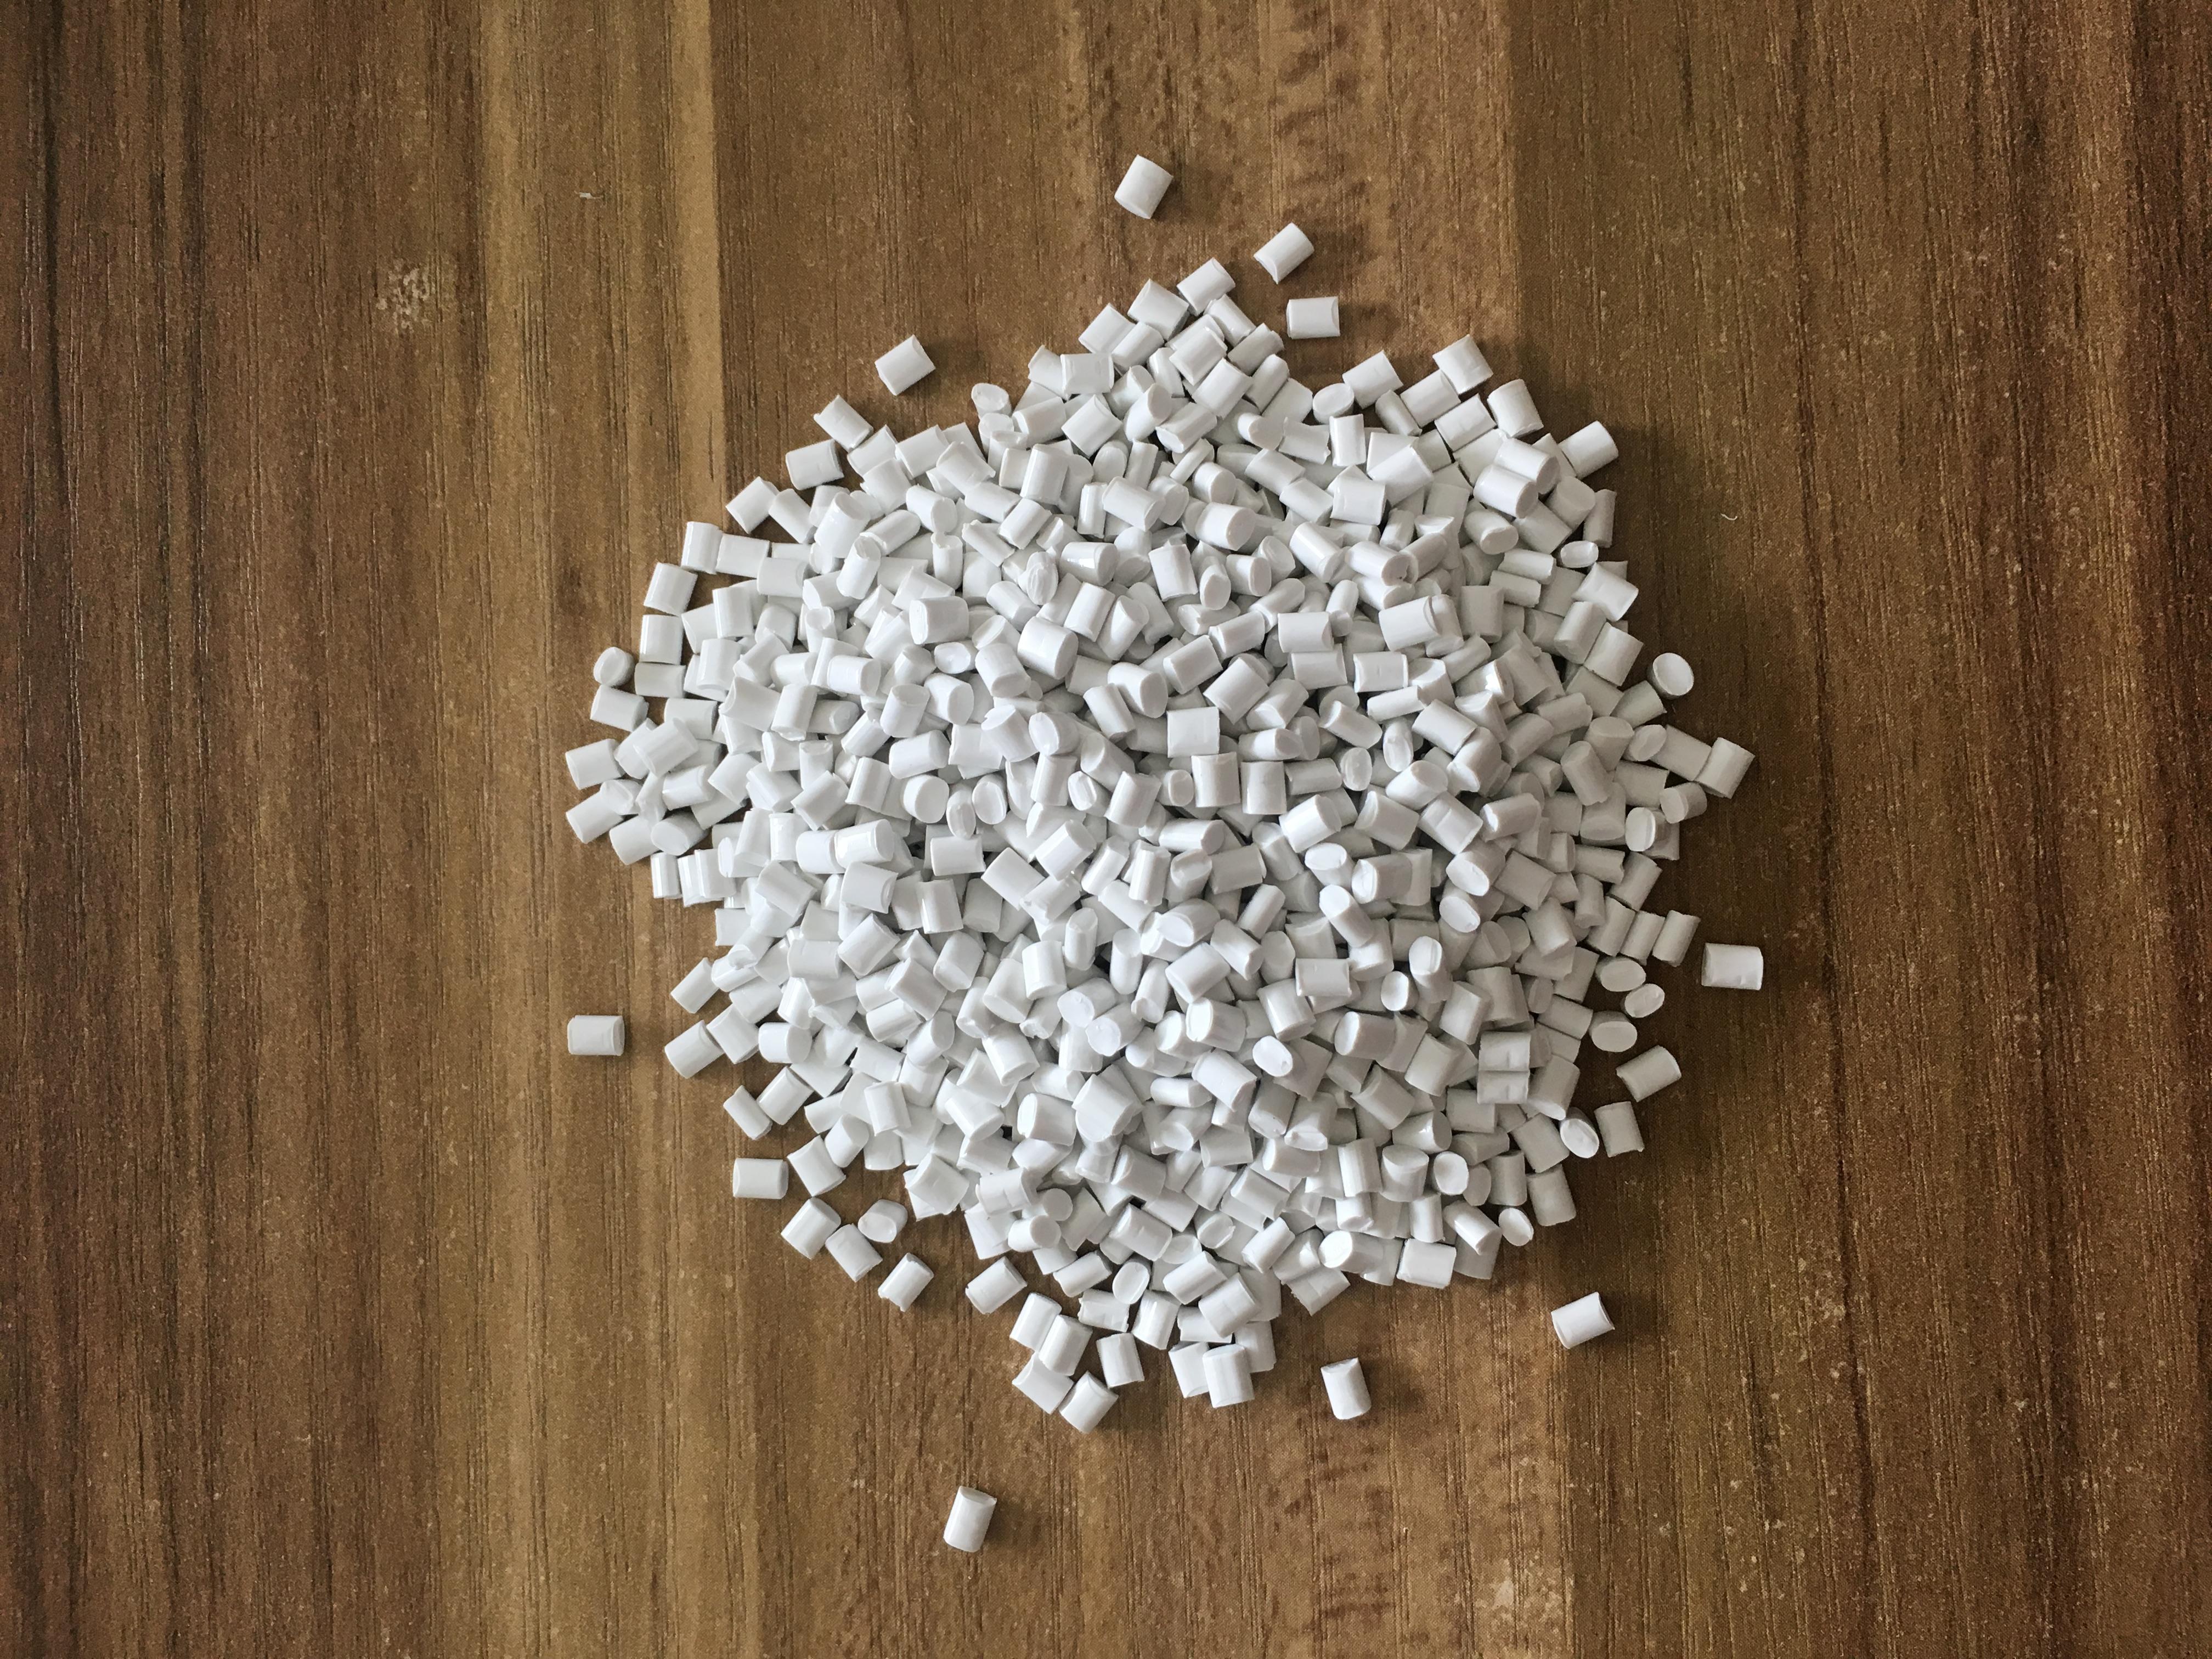 ABS白色再生料冲击12个点 ABS白色抽粒料冲击12个点